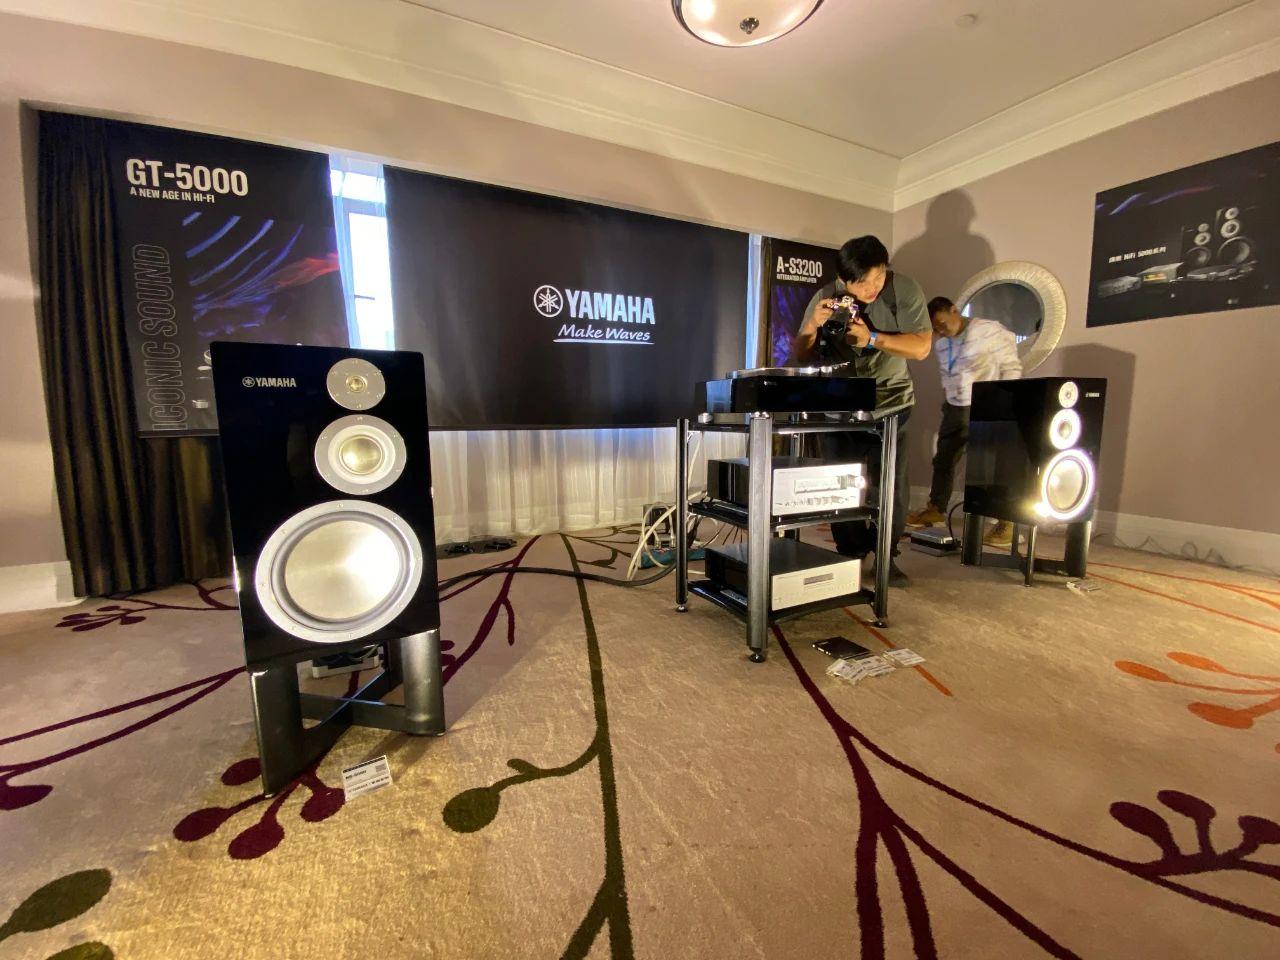 现场丨Yamaha雅马哈HIFI旗舰5000系列全家桶首次亮相本届上海SIAV展会!